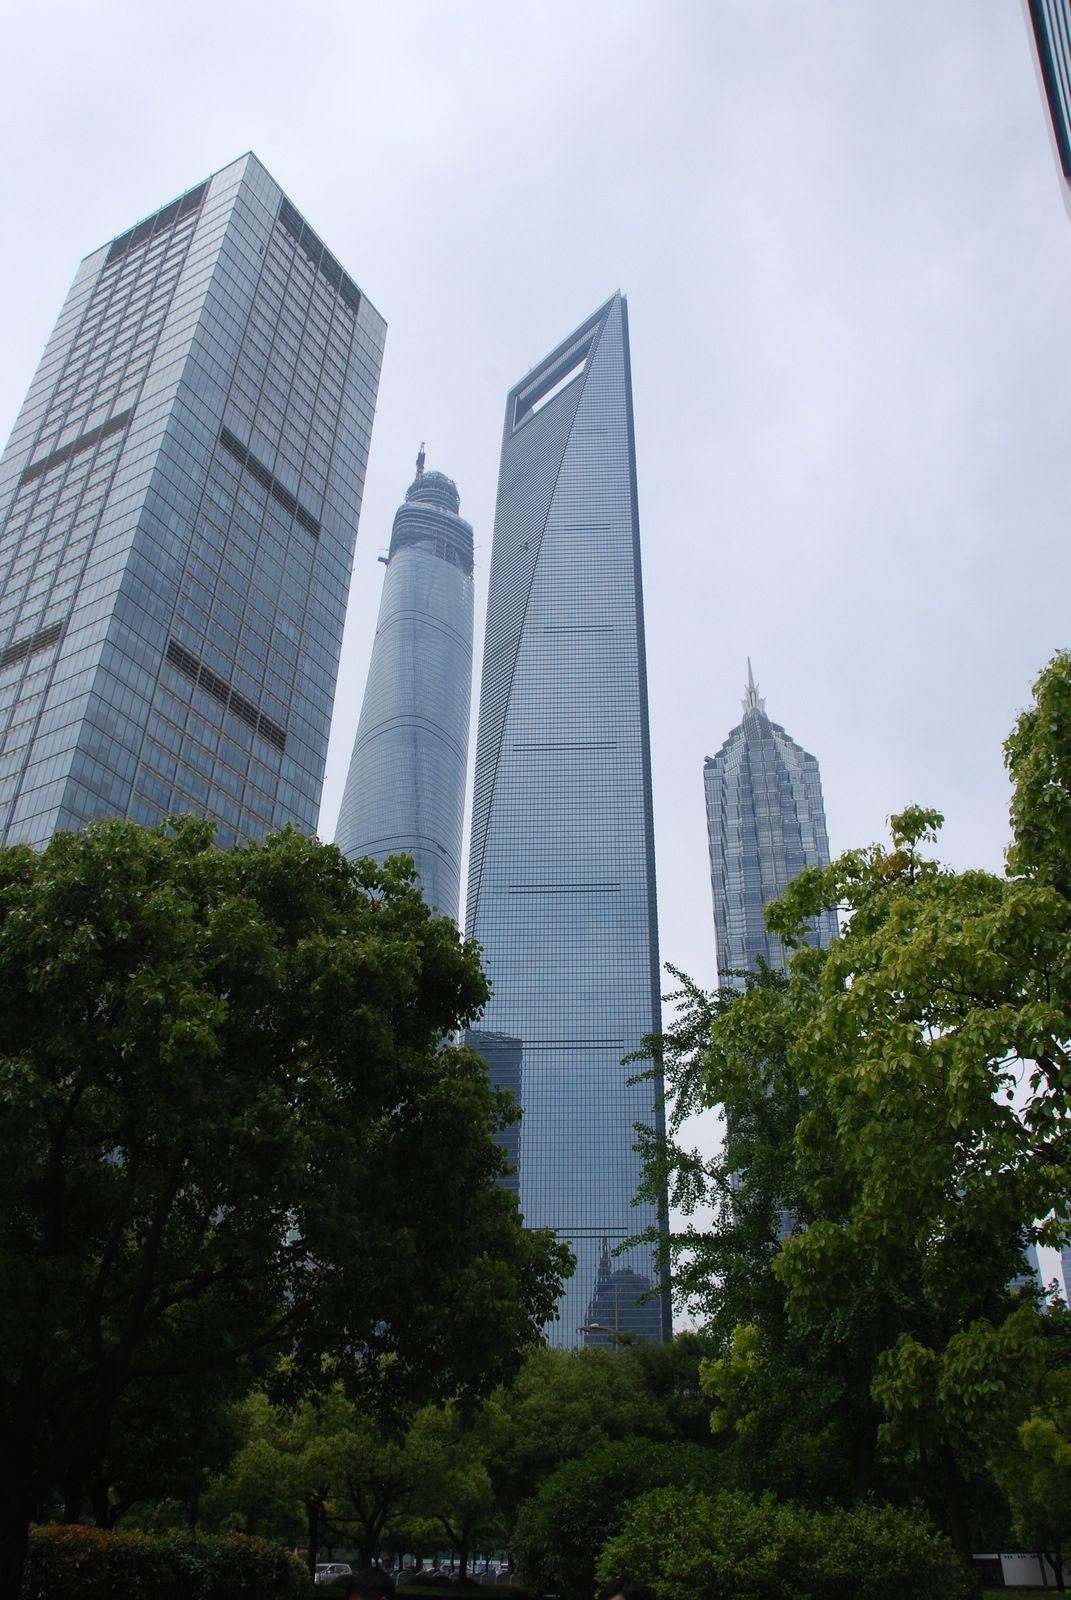 Chine / 3/ 2014 / Il est 08h22, nous sommes le 31 Octobre 2020